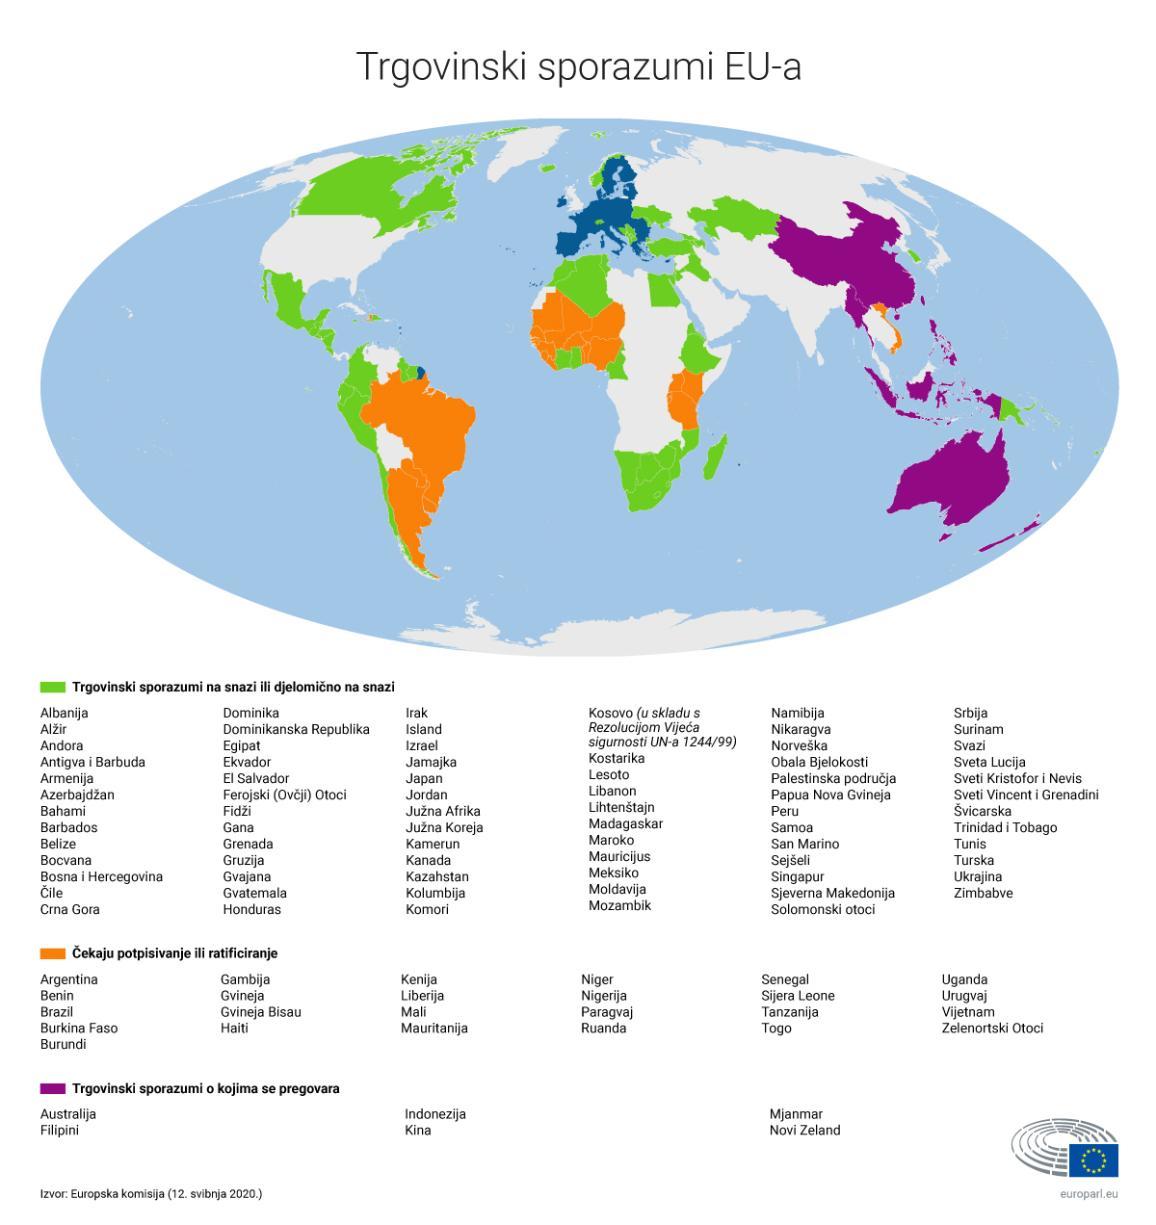 Prikaz karte svijeta i zemalja u različitim bojama ovisno o statusu trgovinskih sporazuma s EU-om